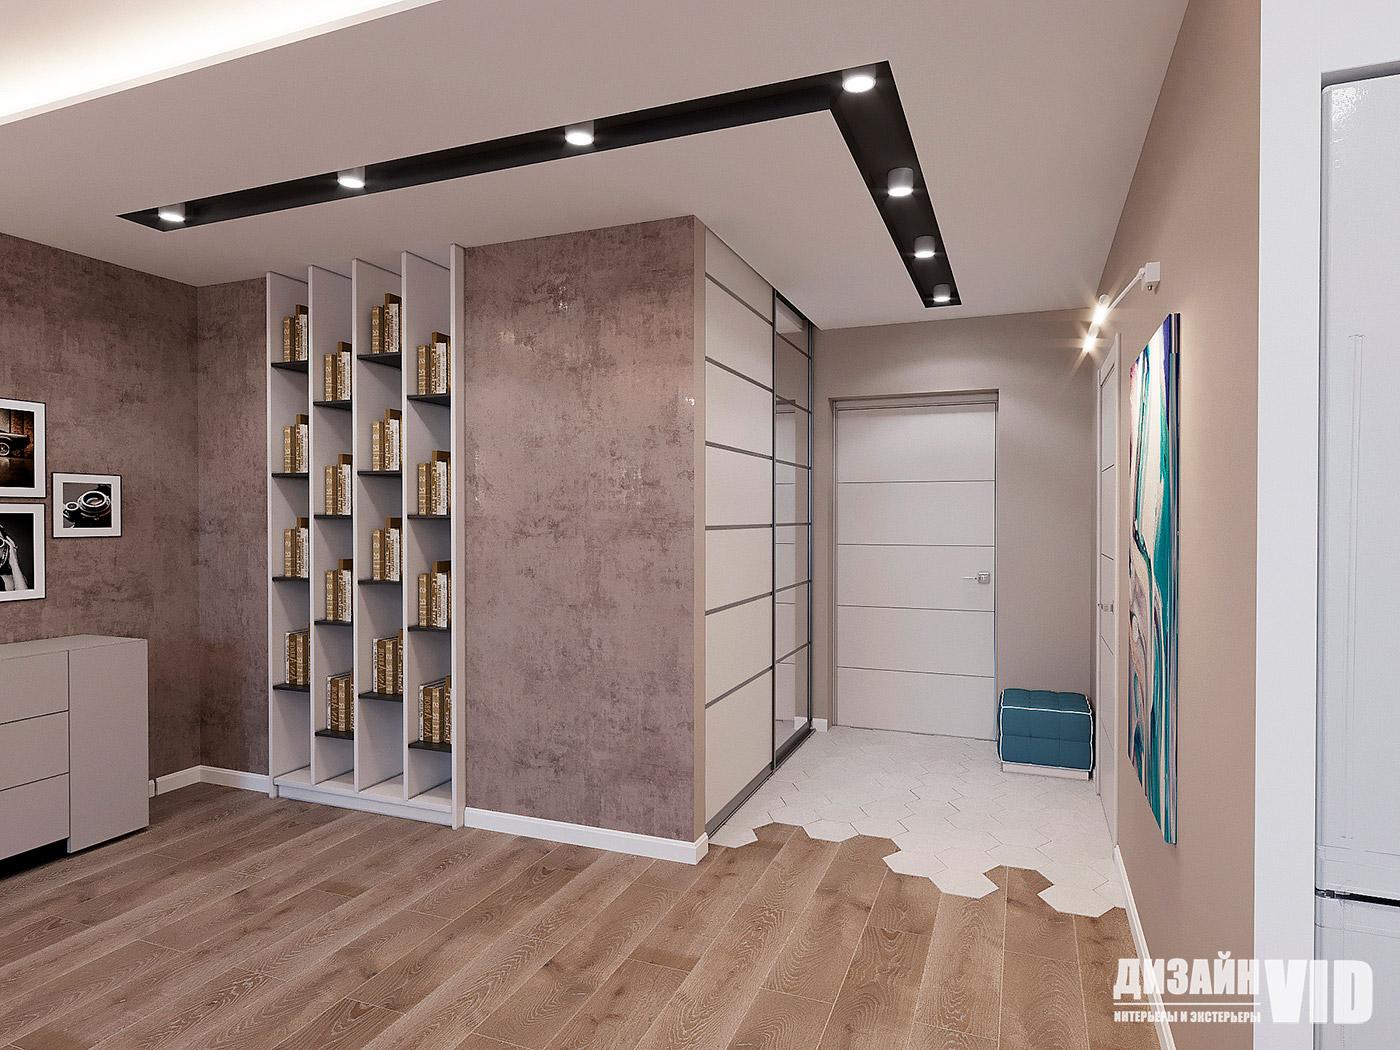 плитка шестигранник в интерьере квартиры